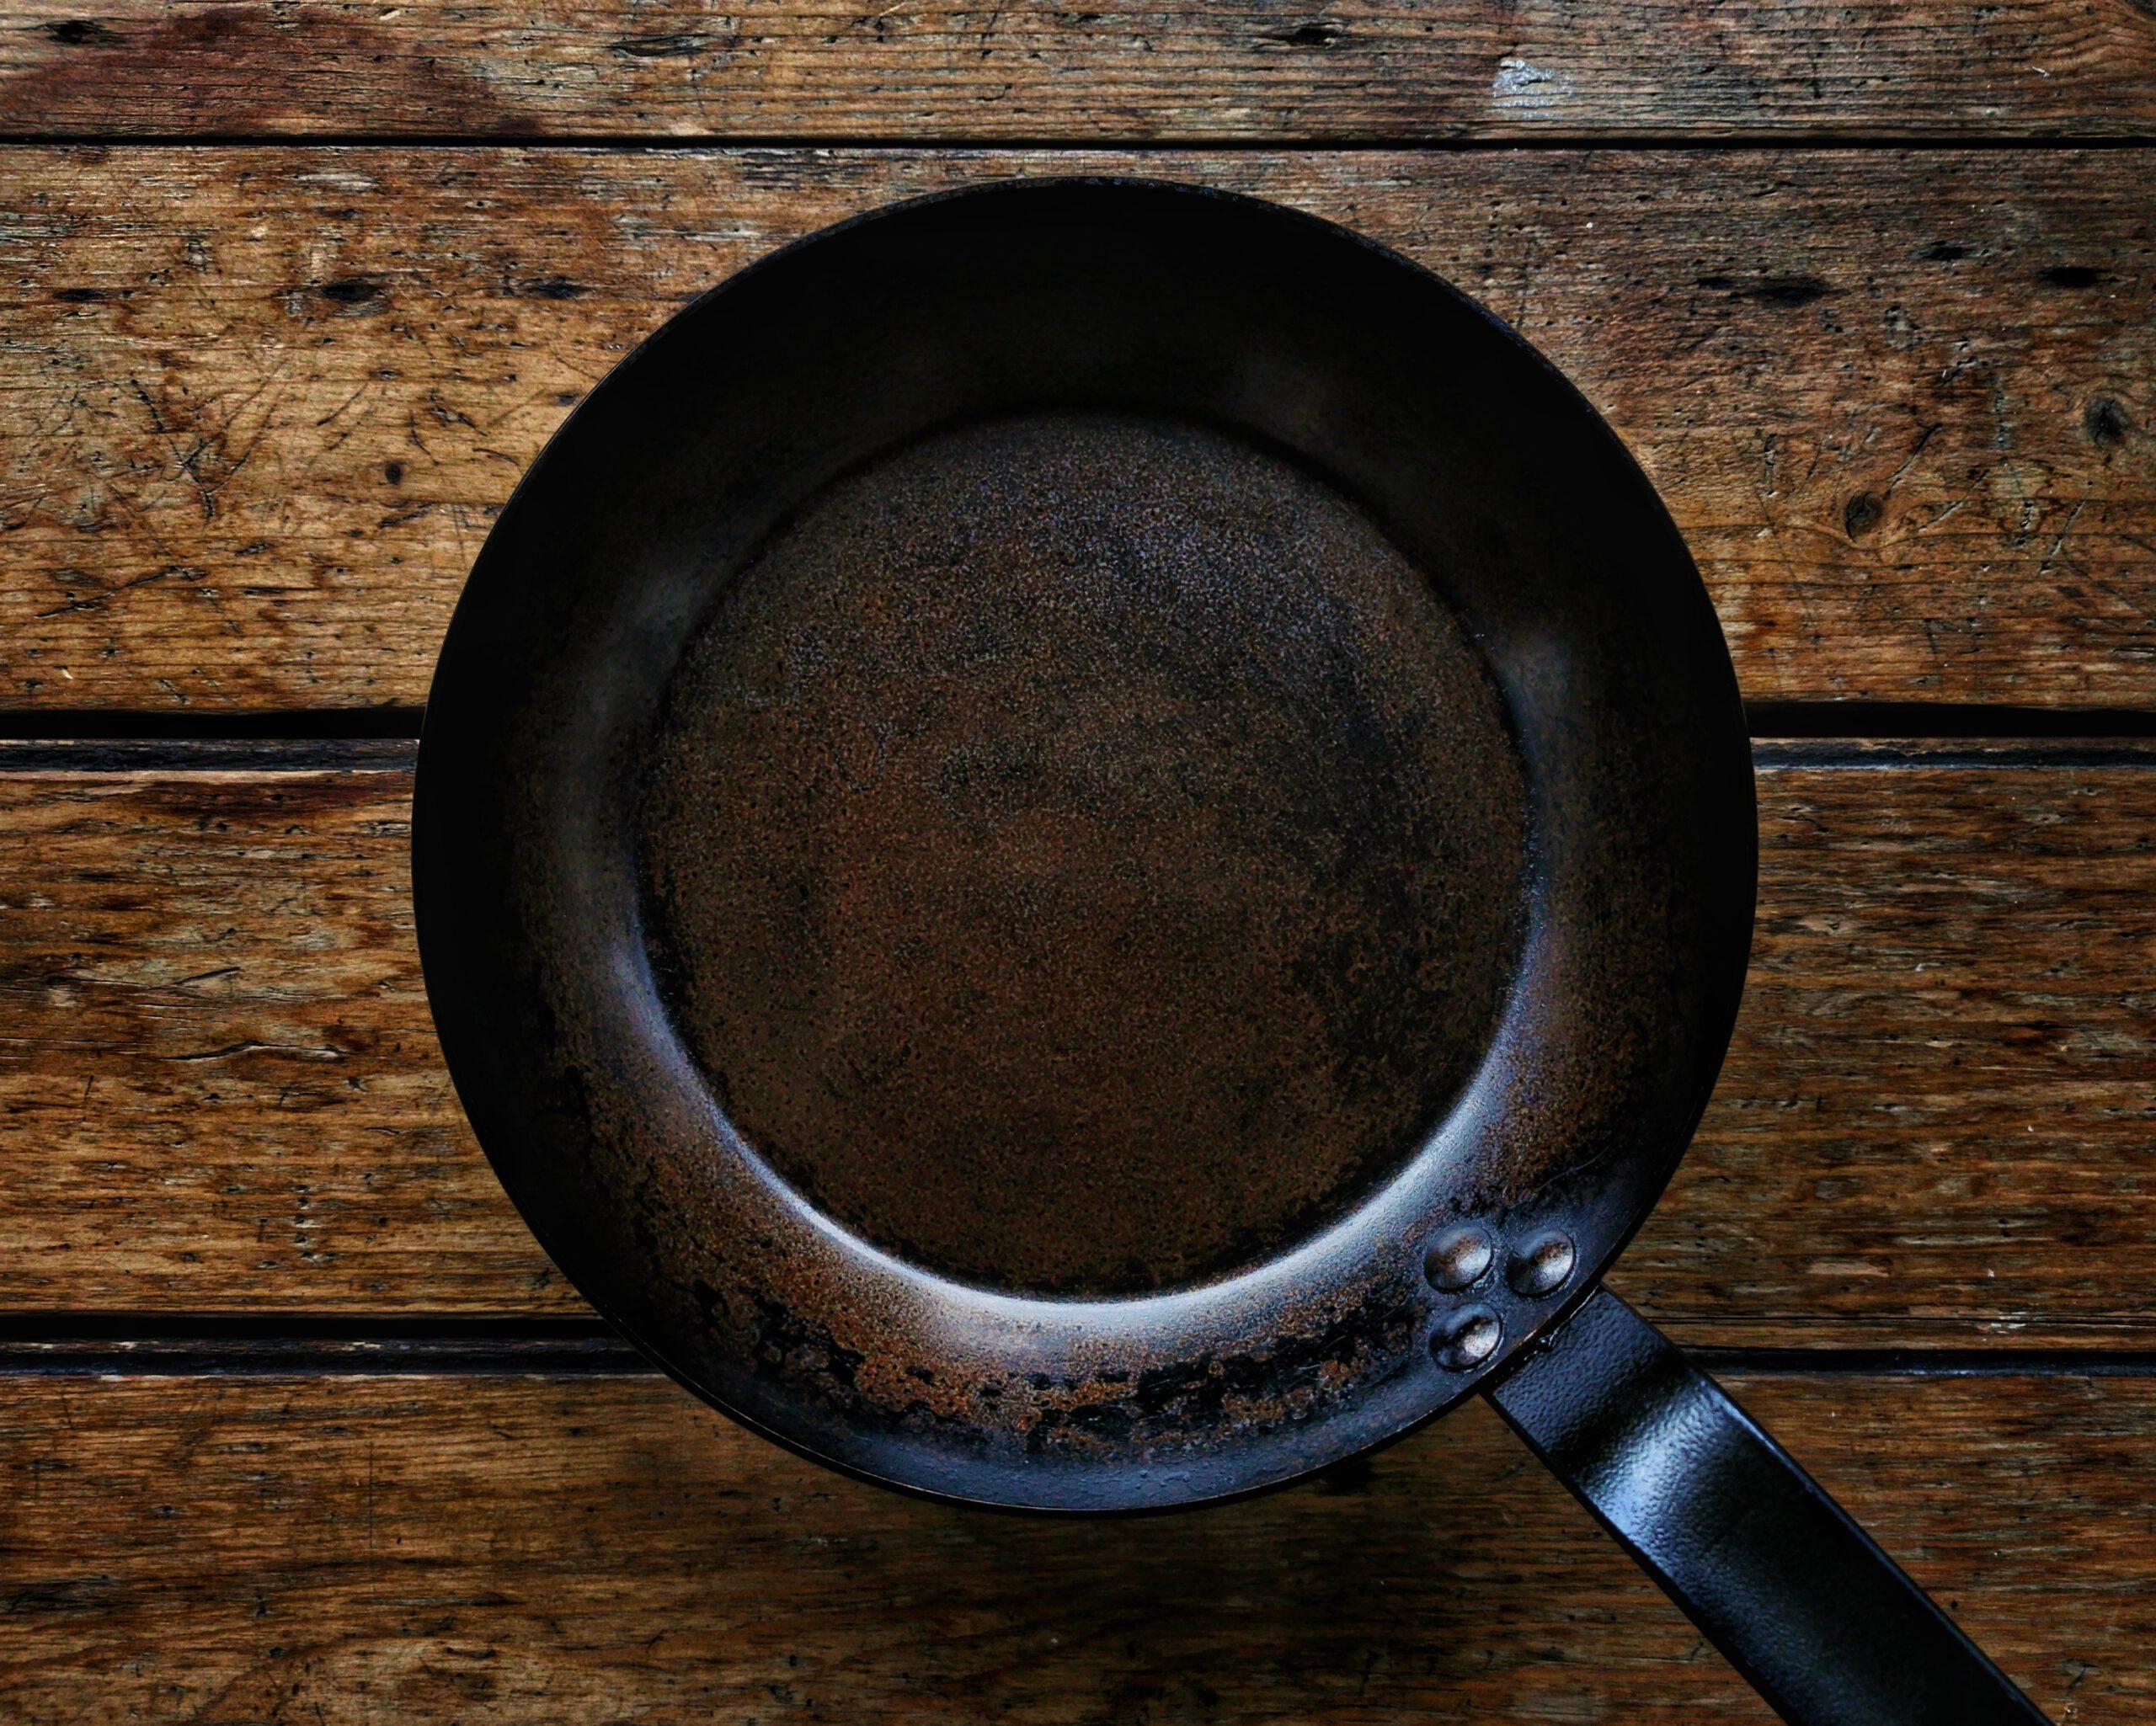 Eine gute Eisenpfanne muss eingebrannt werden.